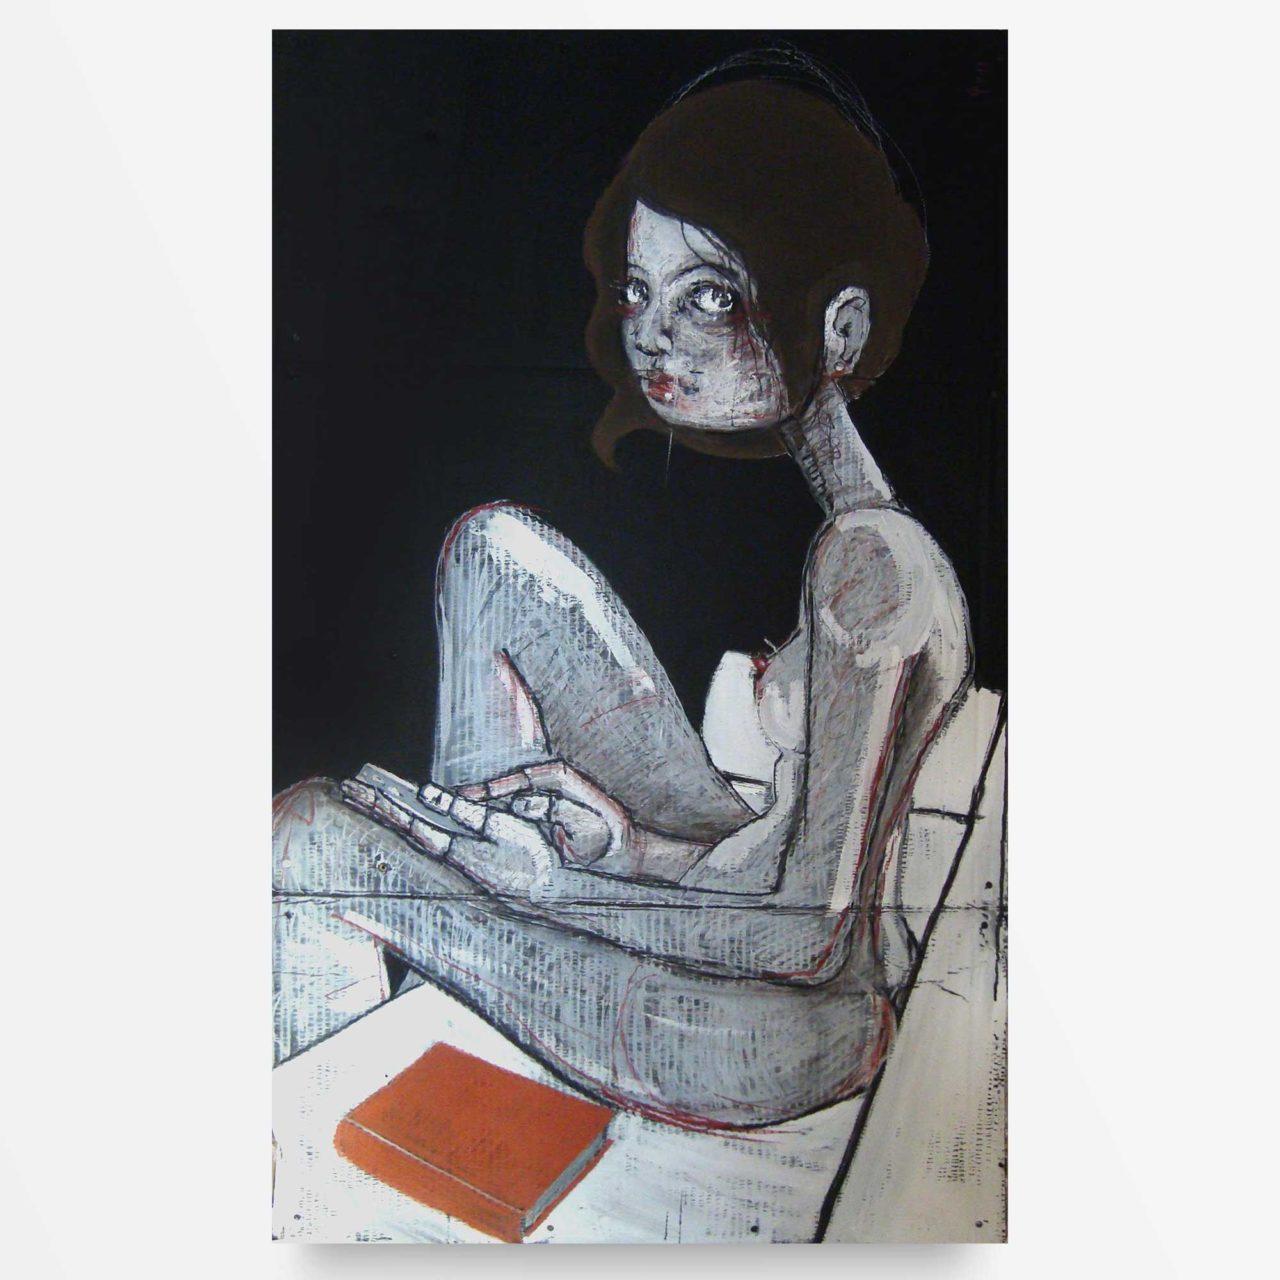 pittura contemporanea La ragazza sul Divano di Diego Gabriele